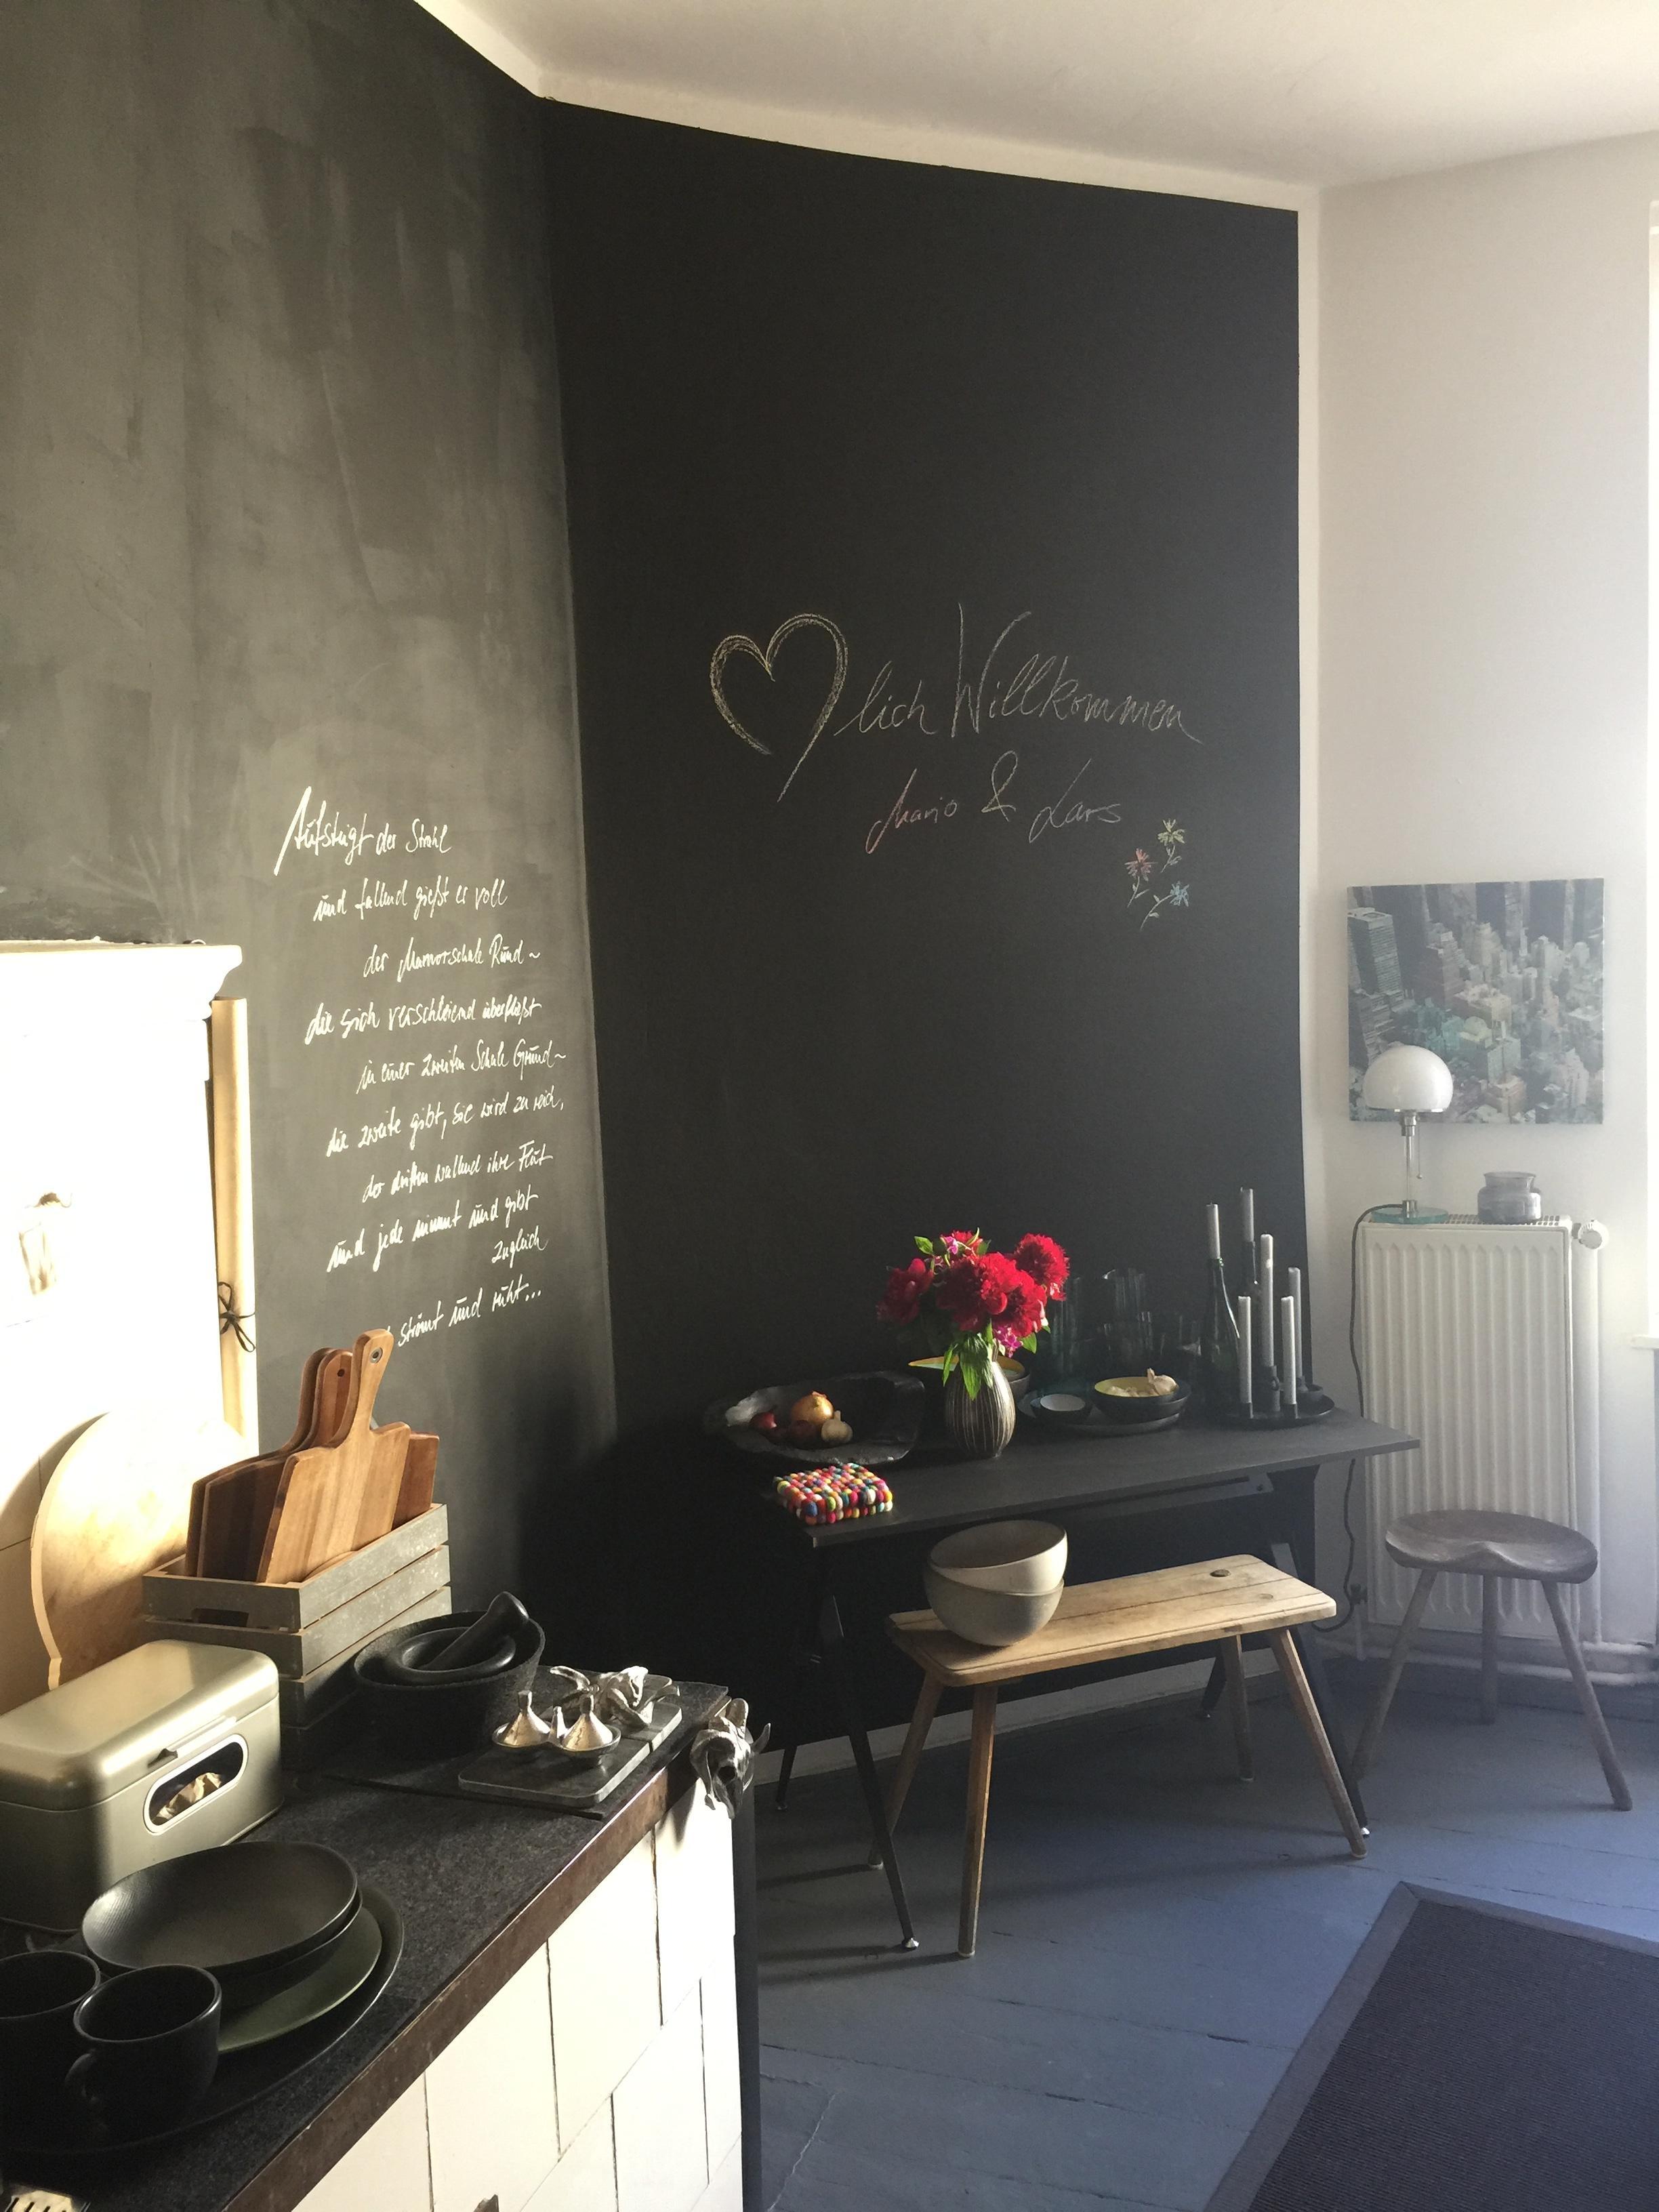 Küche#Tafelfarbe#Lieblingsgedicht • COUCH